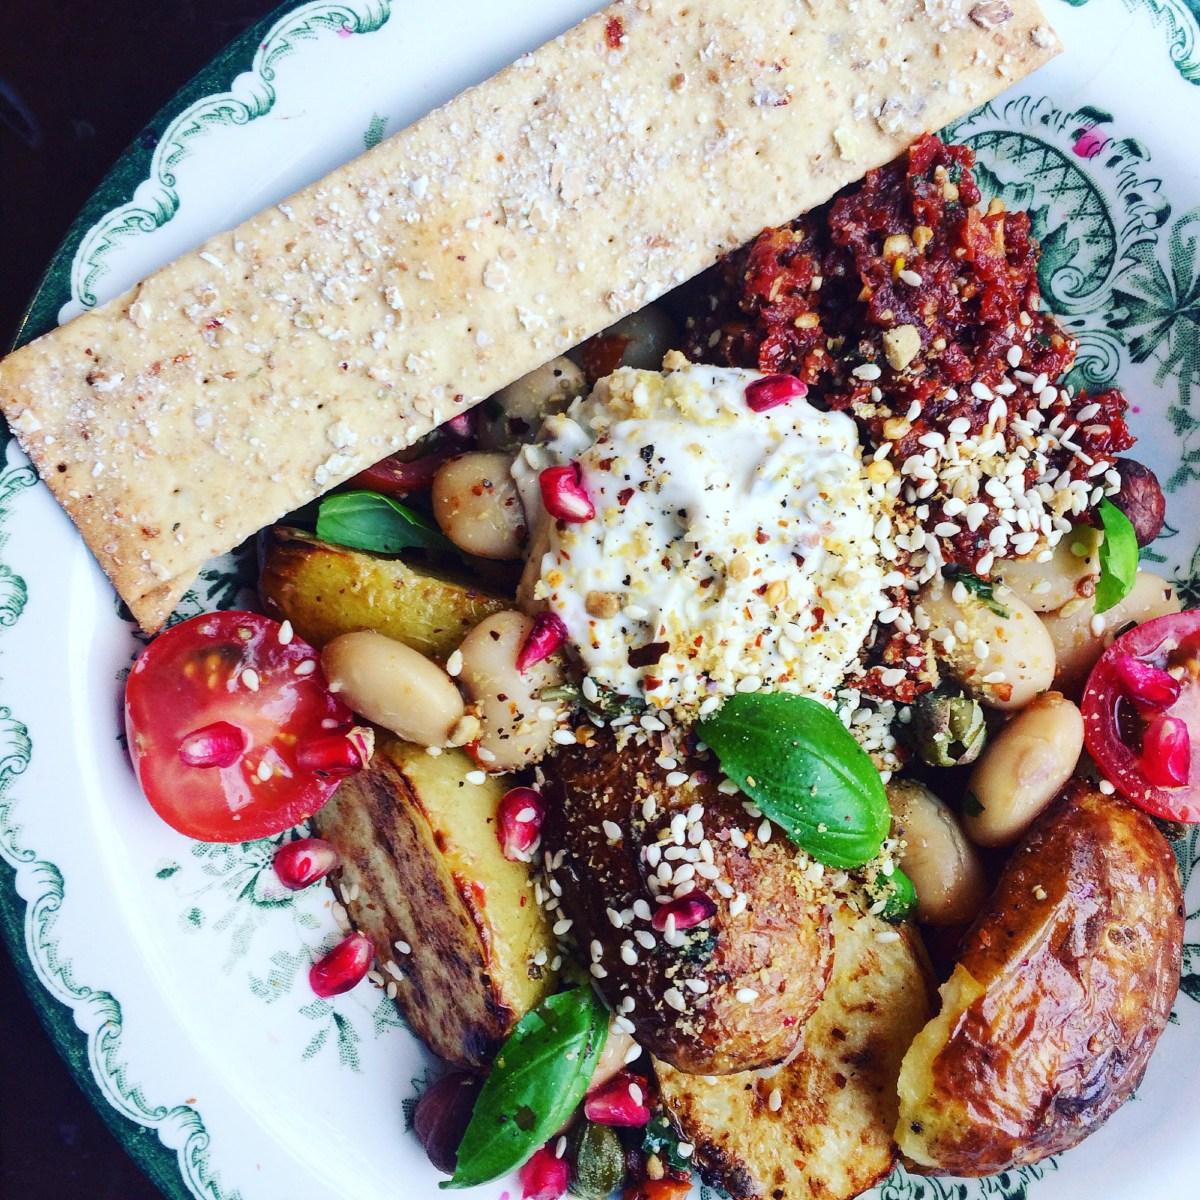 Vegetarisk plocksallad med tomatpesto, rostad potatis, sesamfrön och granatäpple